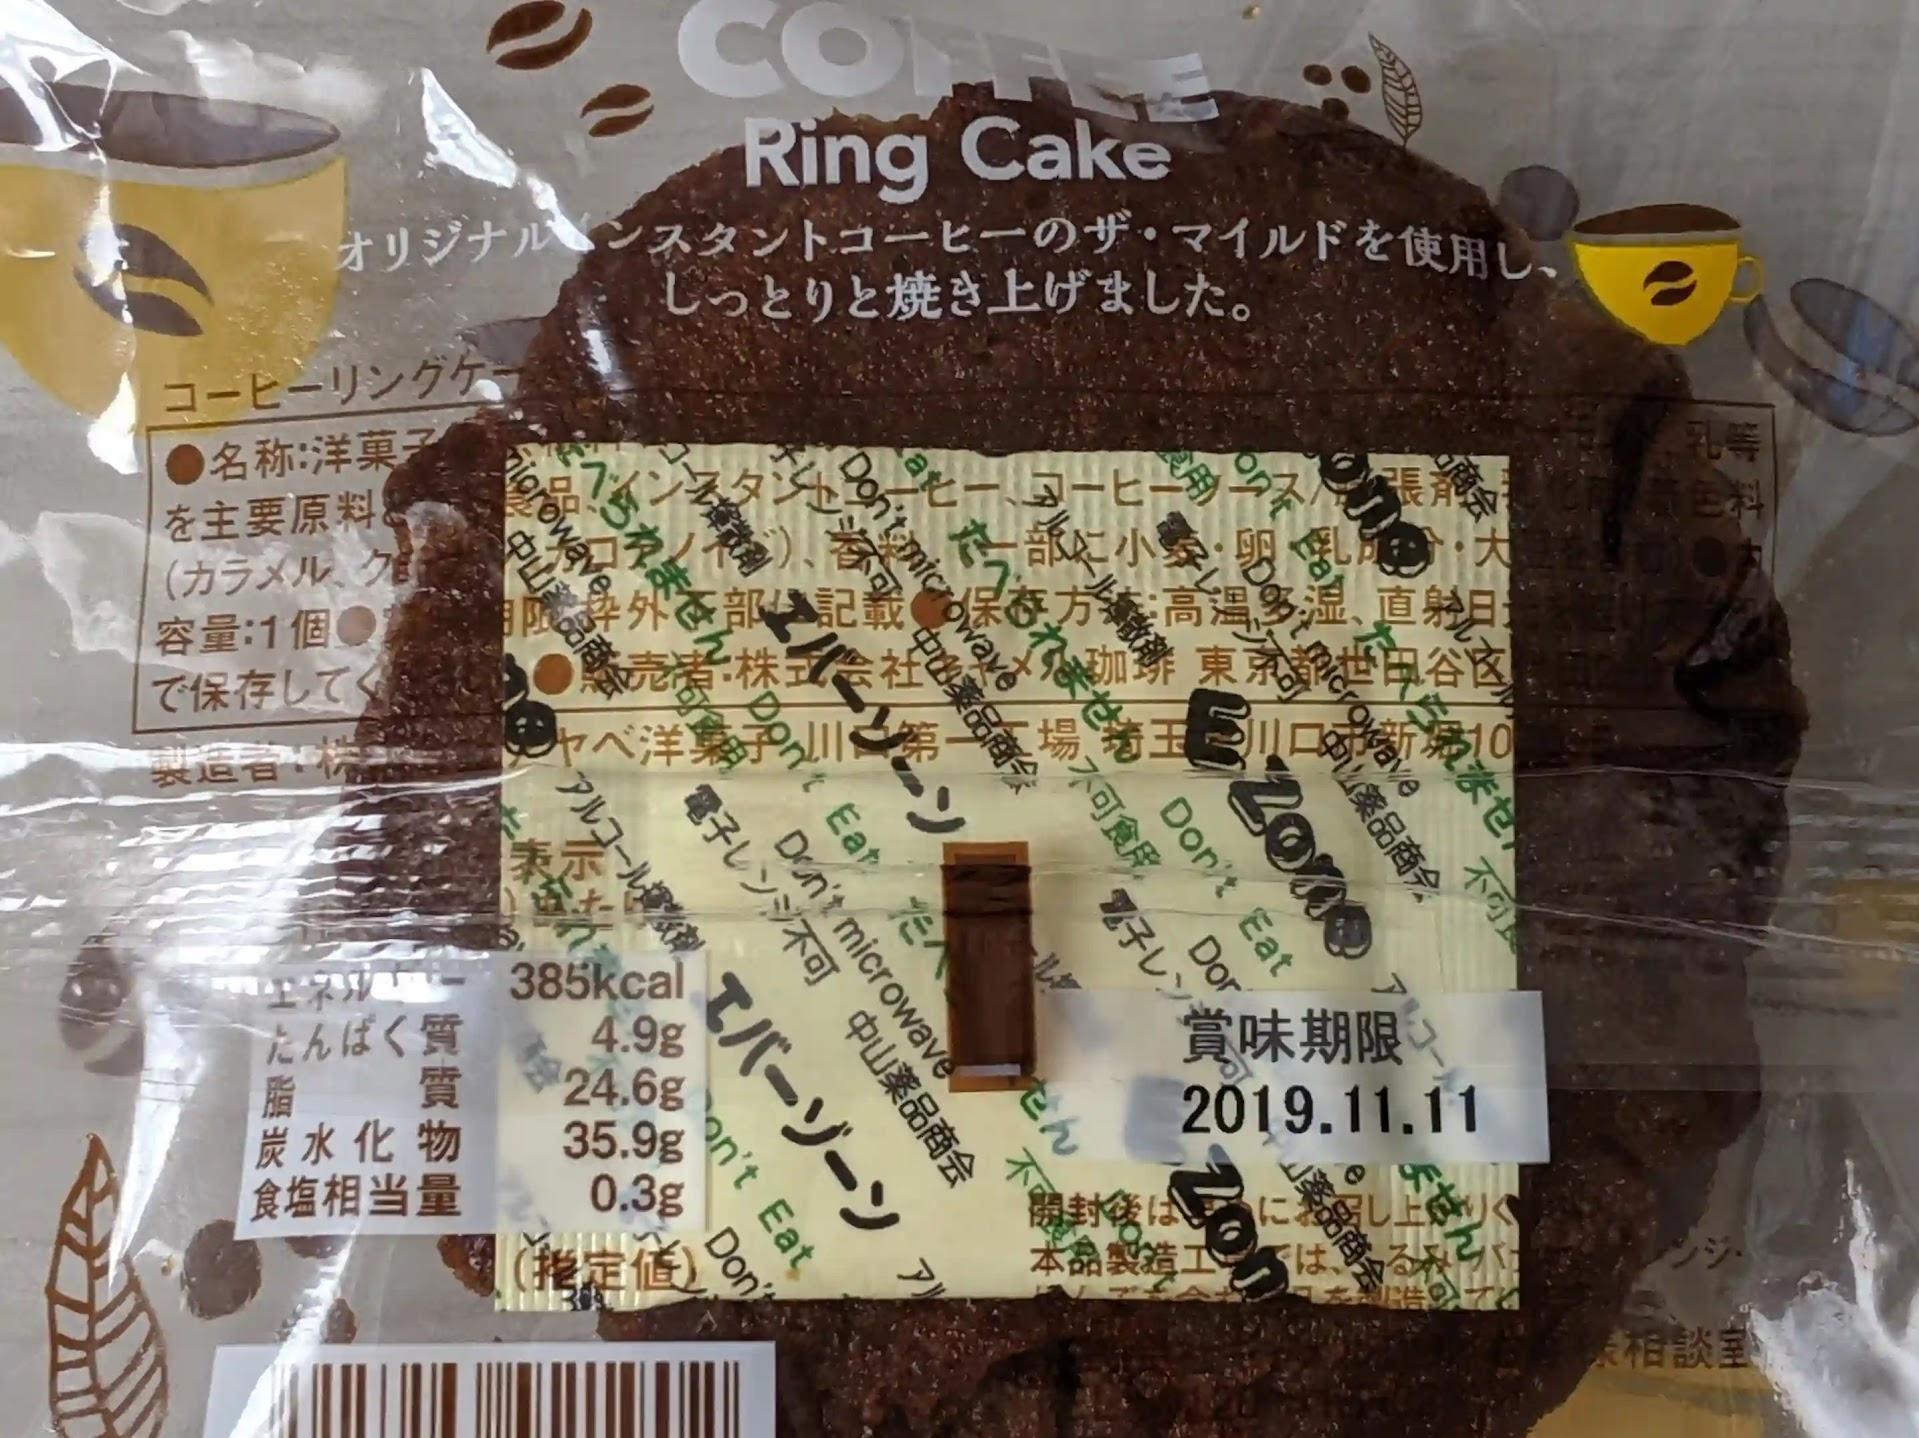 カルディ コーヒーリングケーキ 栄養成分表示